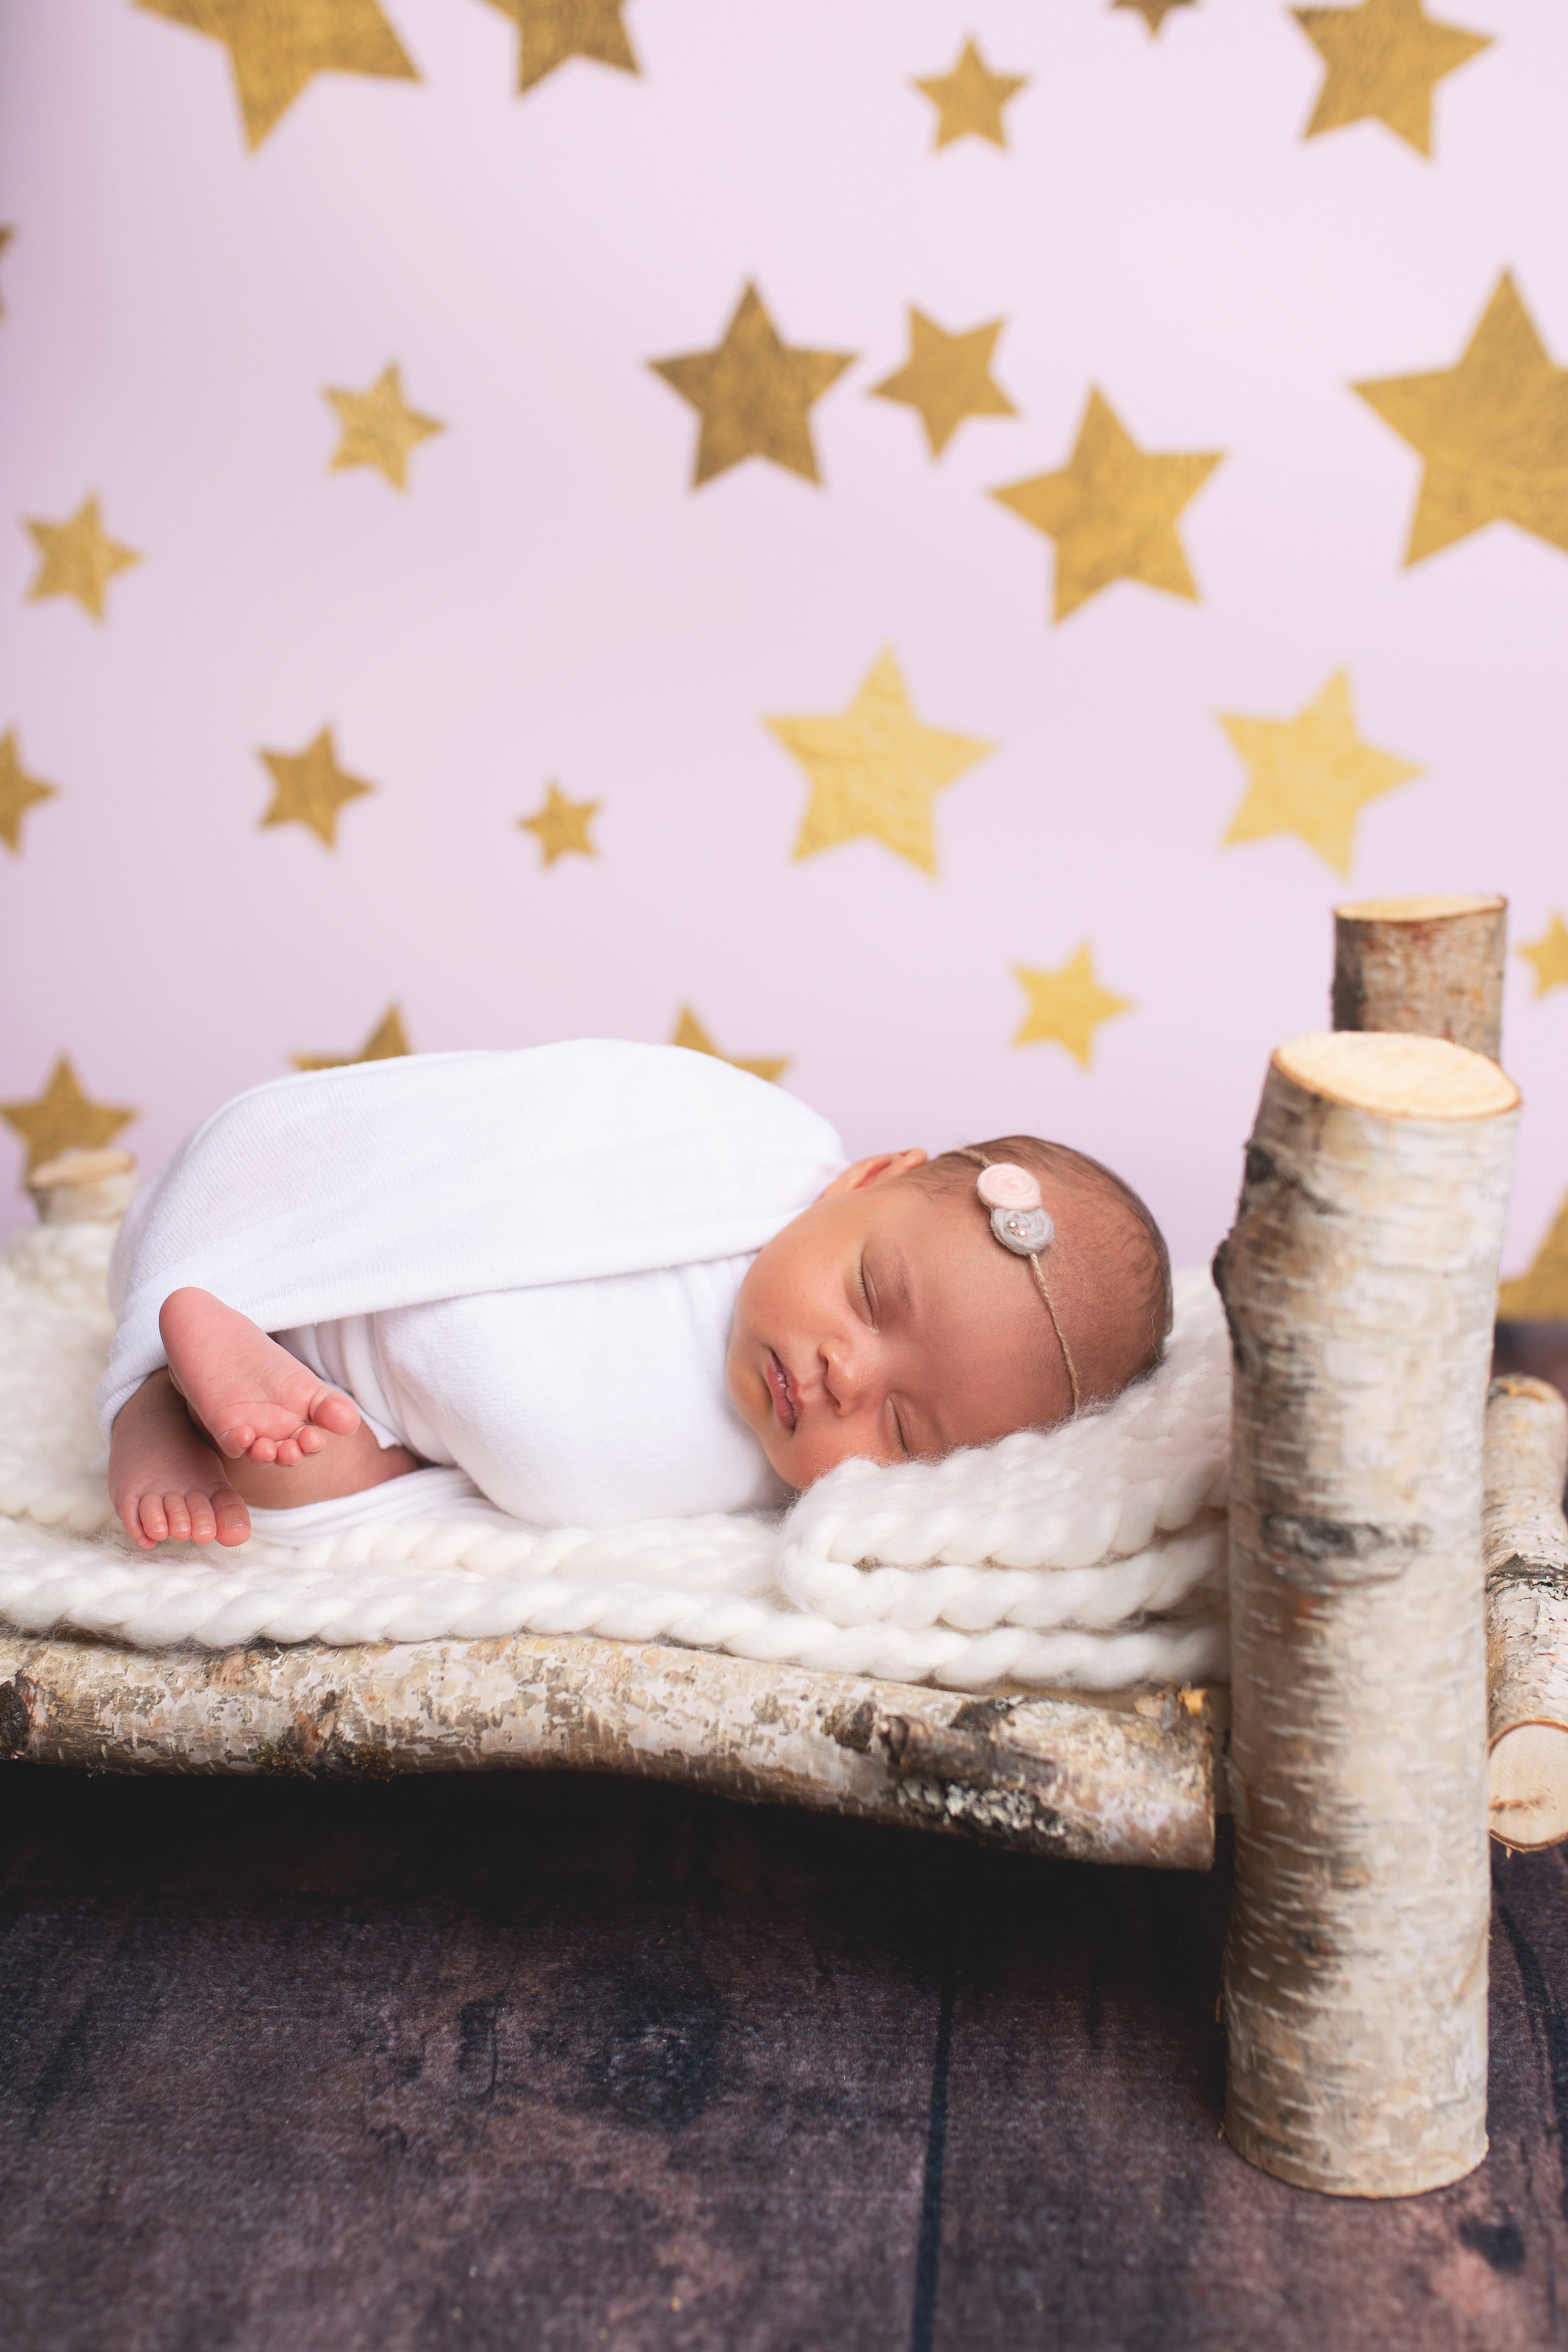 anchorage-newborn-photographer-7.jpg